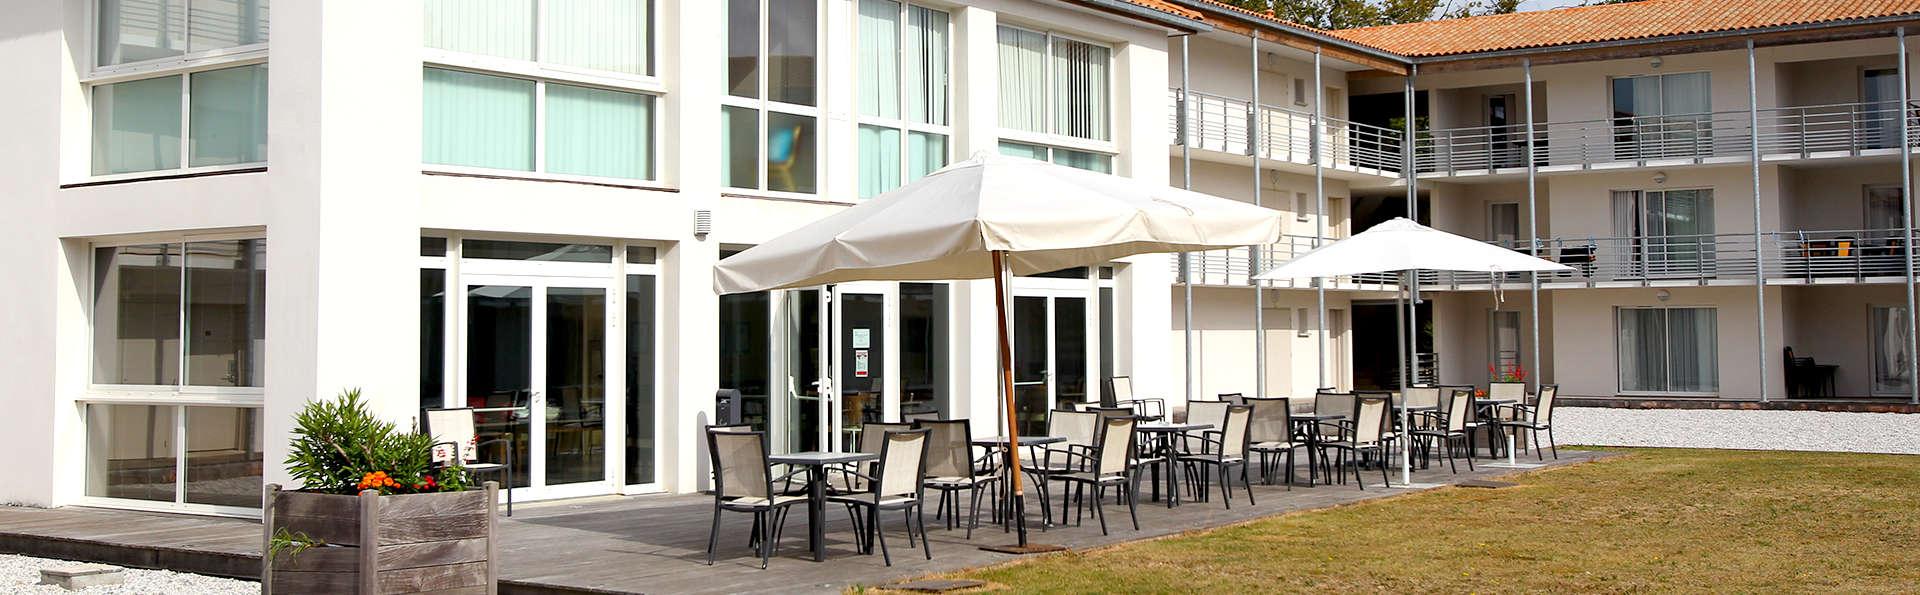 Vacanceole Domaine Du Château La Rochelle Ile de Ré - Edit_Terrace3.jpg